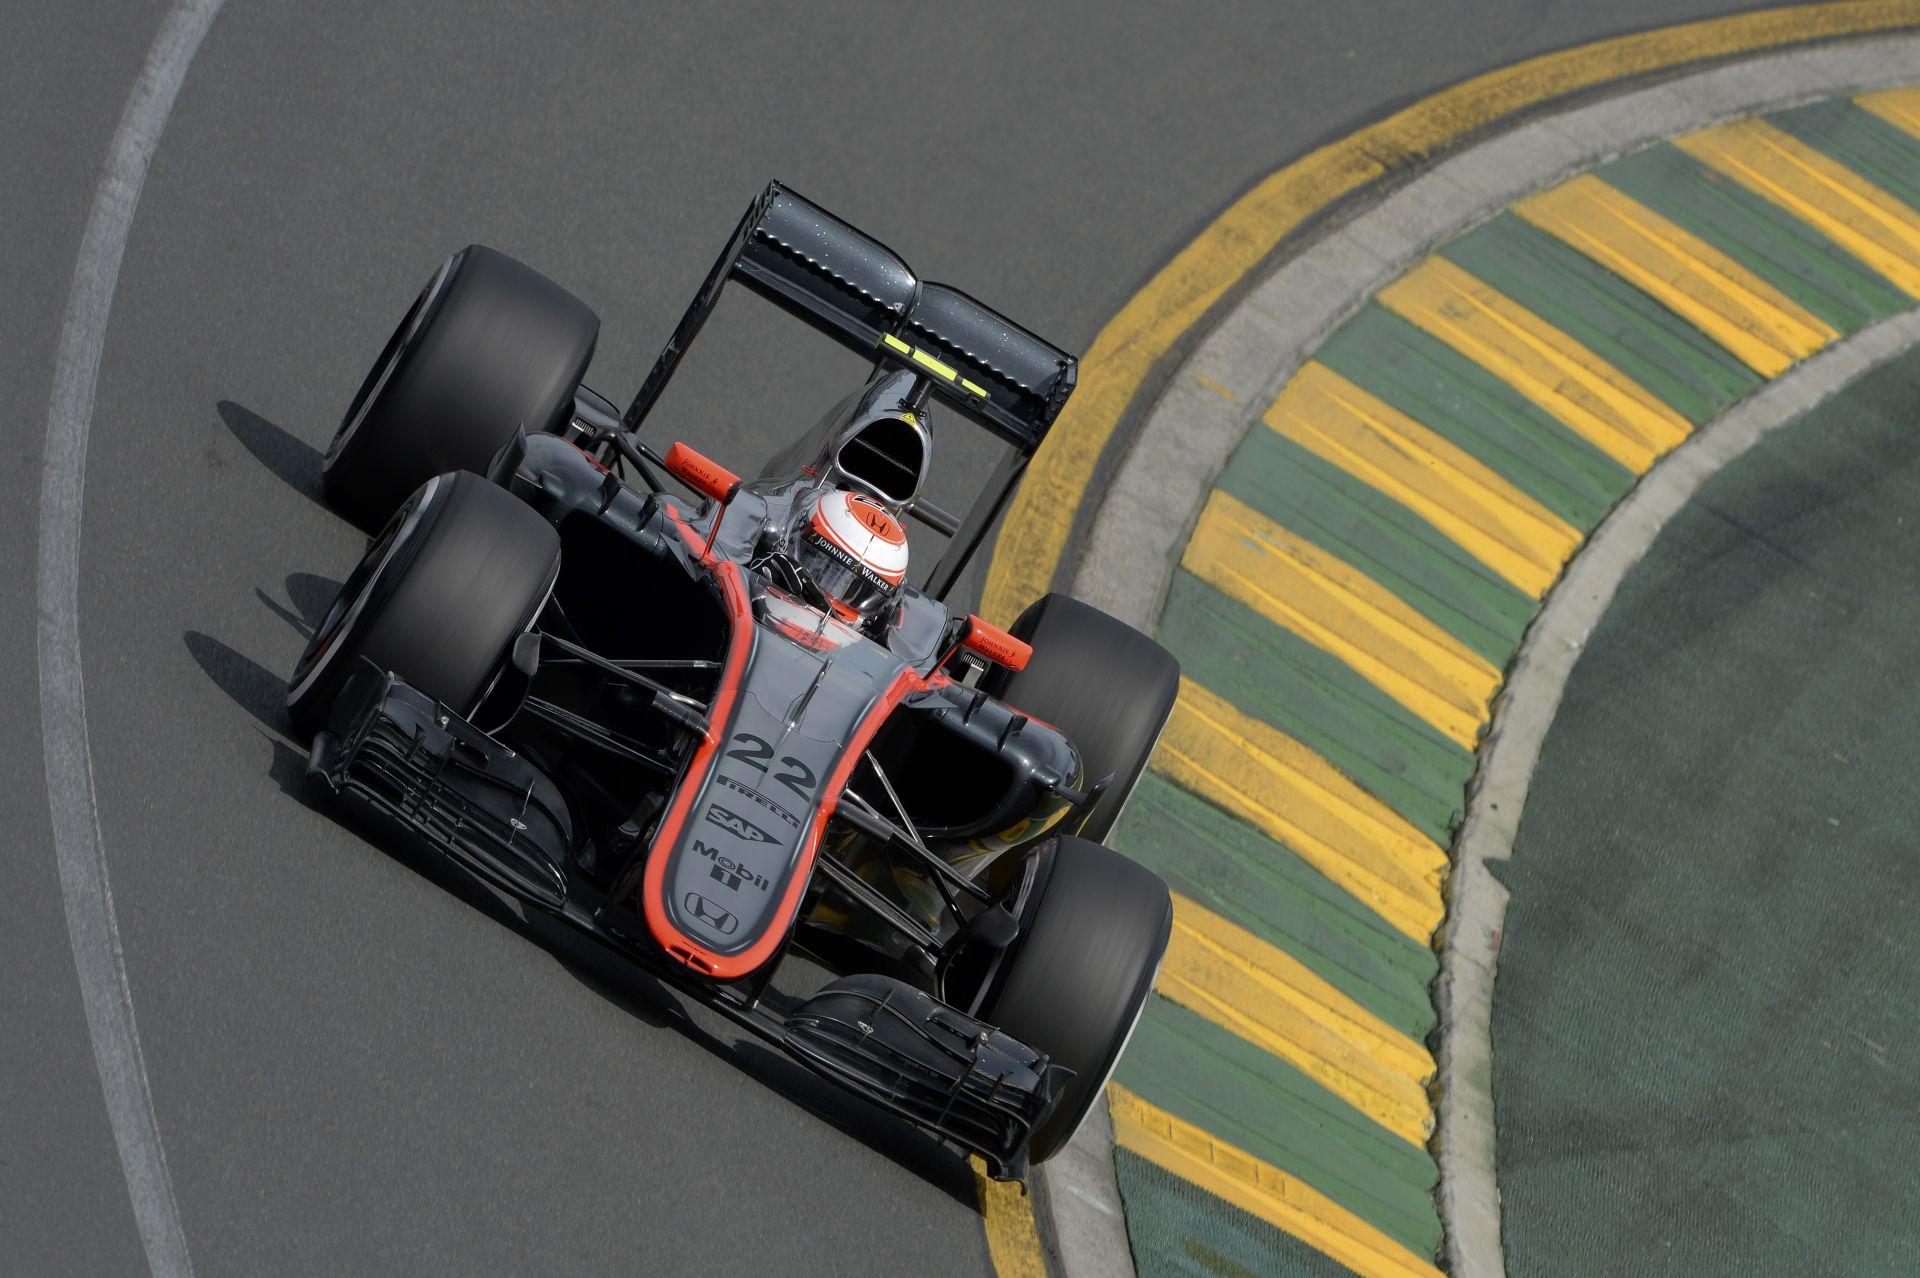 GP-live jósda, 2016: McLaren-Honda – Megismétlődik 2015 vagy csoda történik?